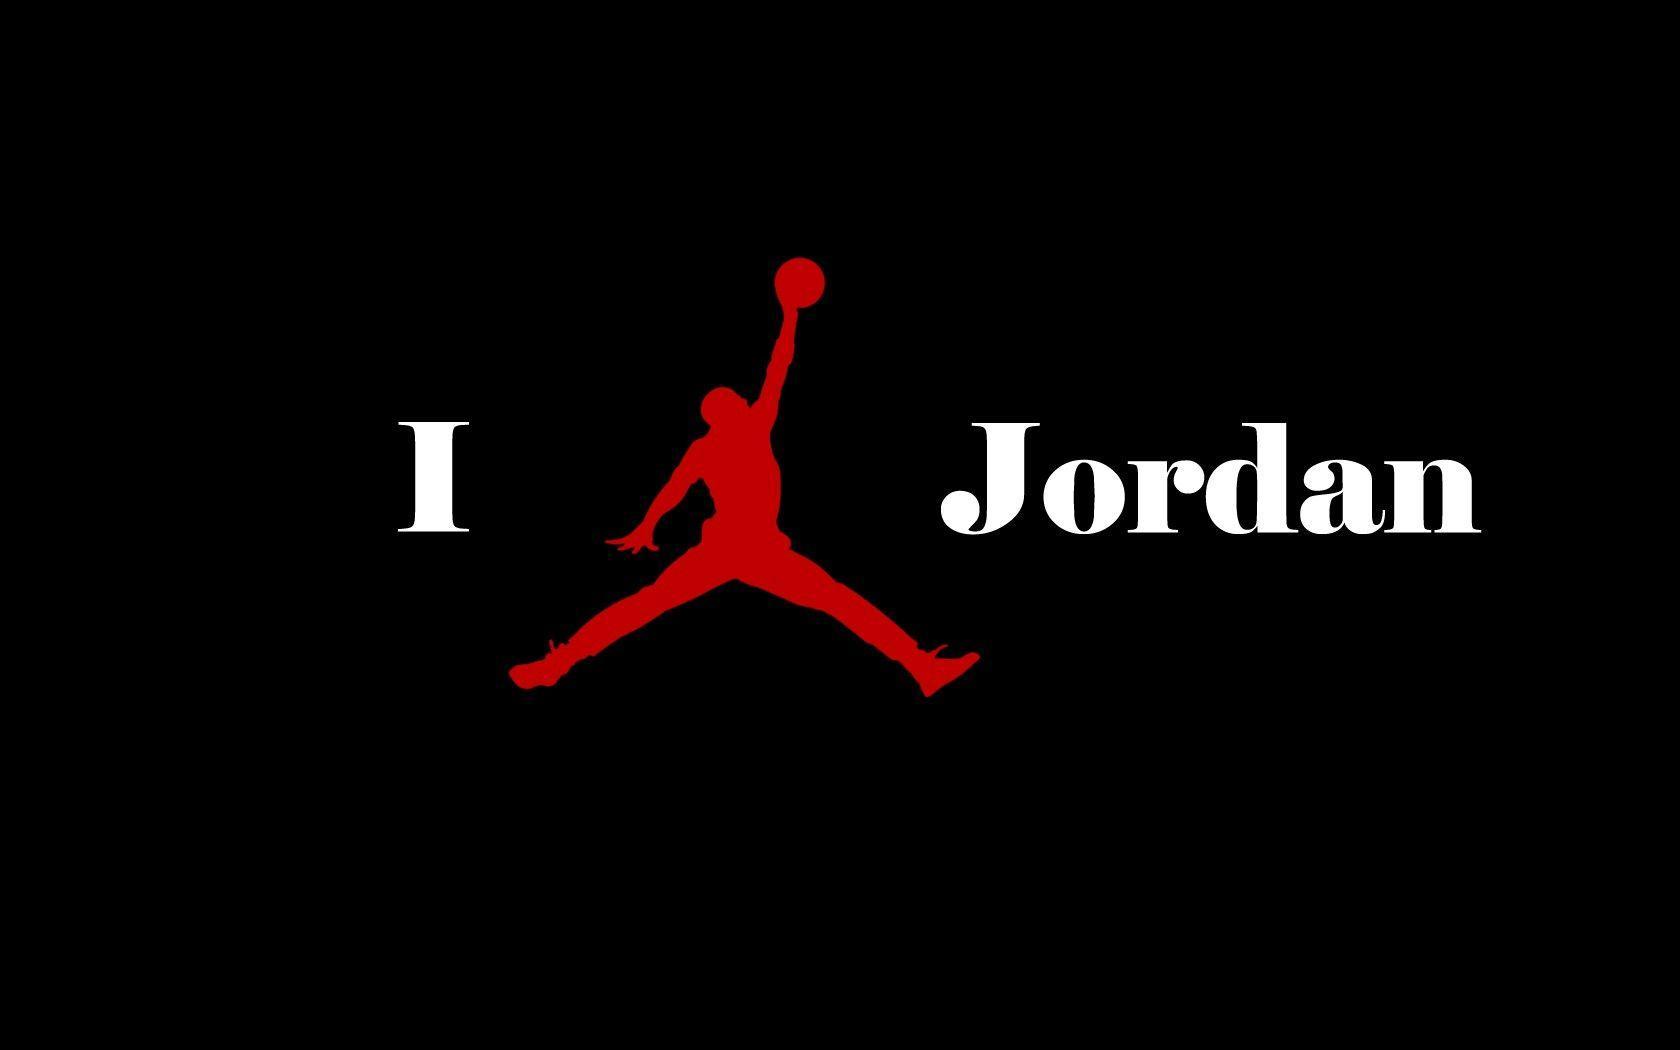 Michael Jordan Nike Wallpaper: Michael Jordan Logo Wallpapers